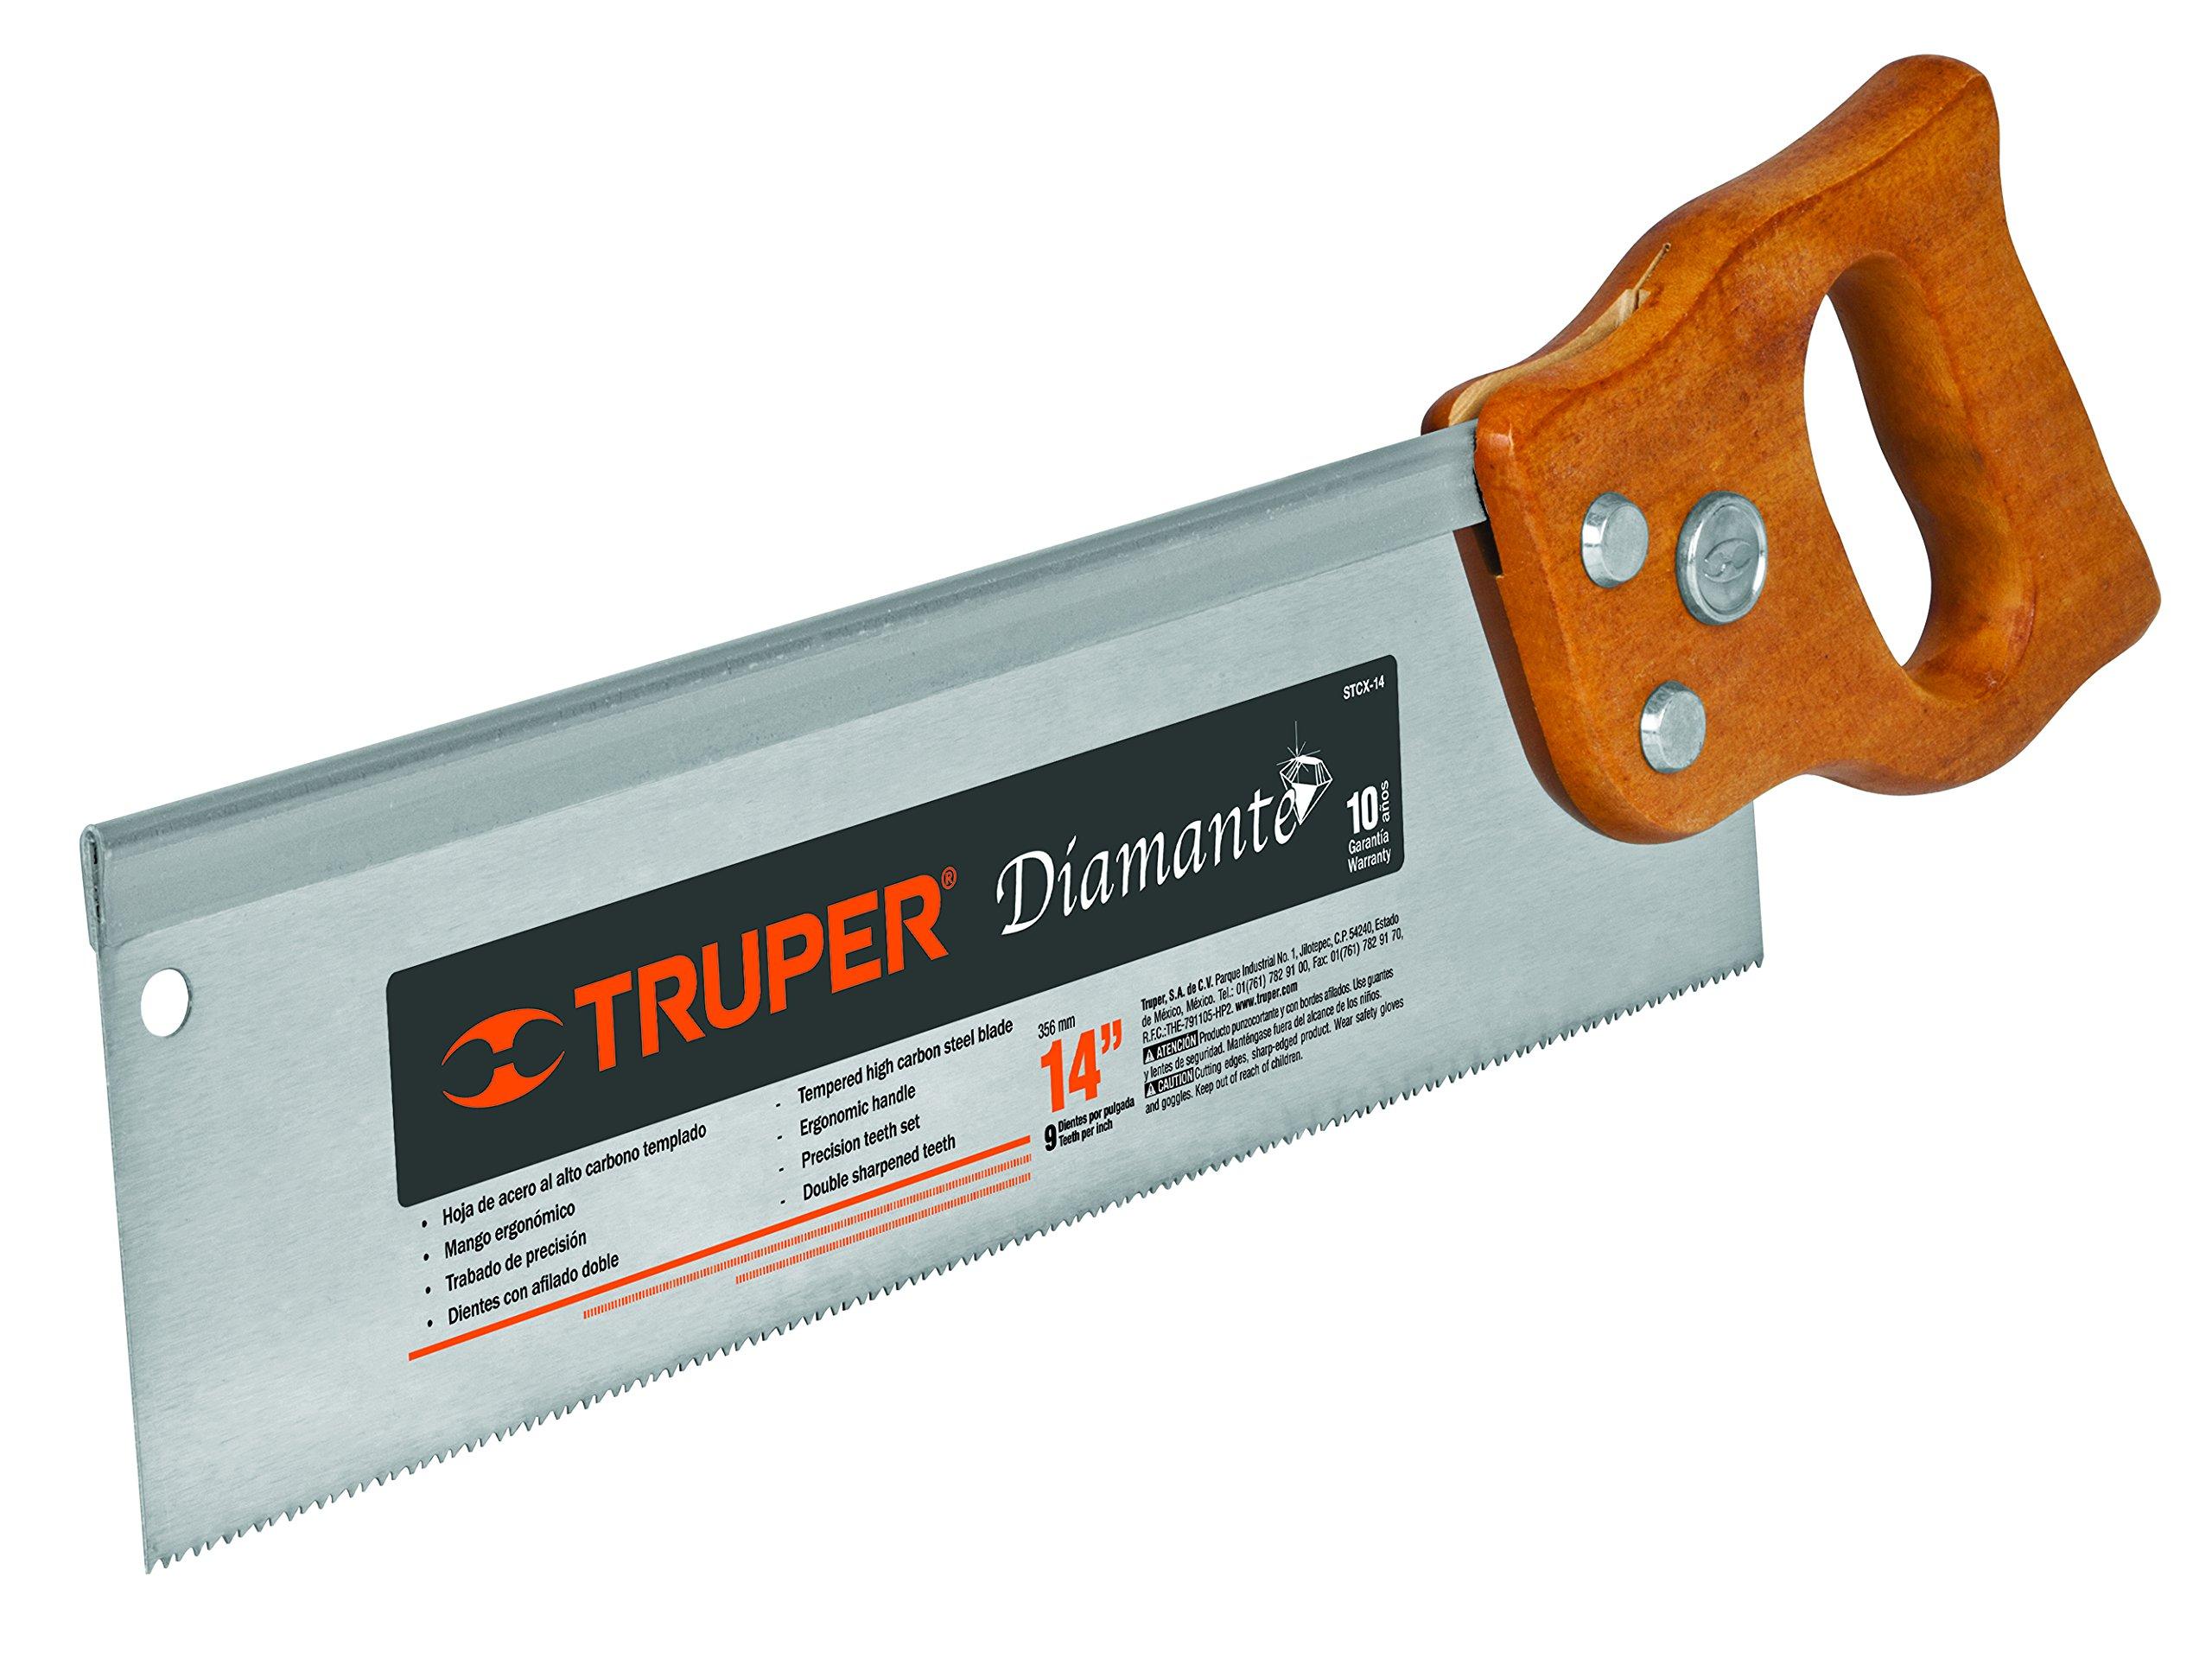 TRUPER GOR-LED 3-LED Flashlight Cap